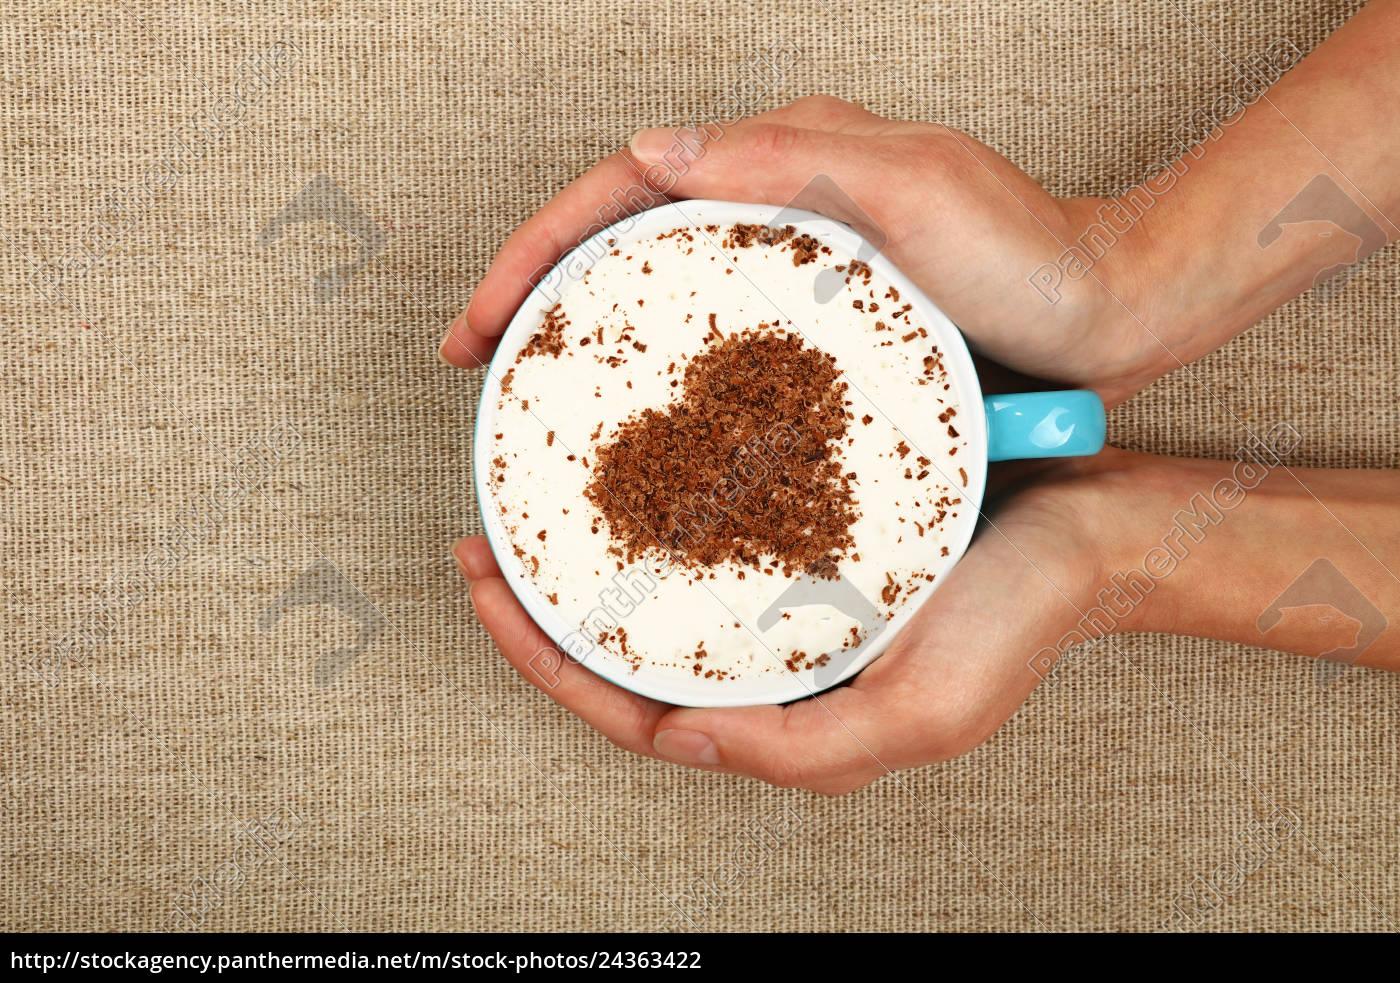 donna, mani, tenere, pieno, latte, cappuccino - 24363422